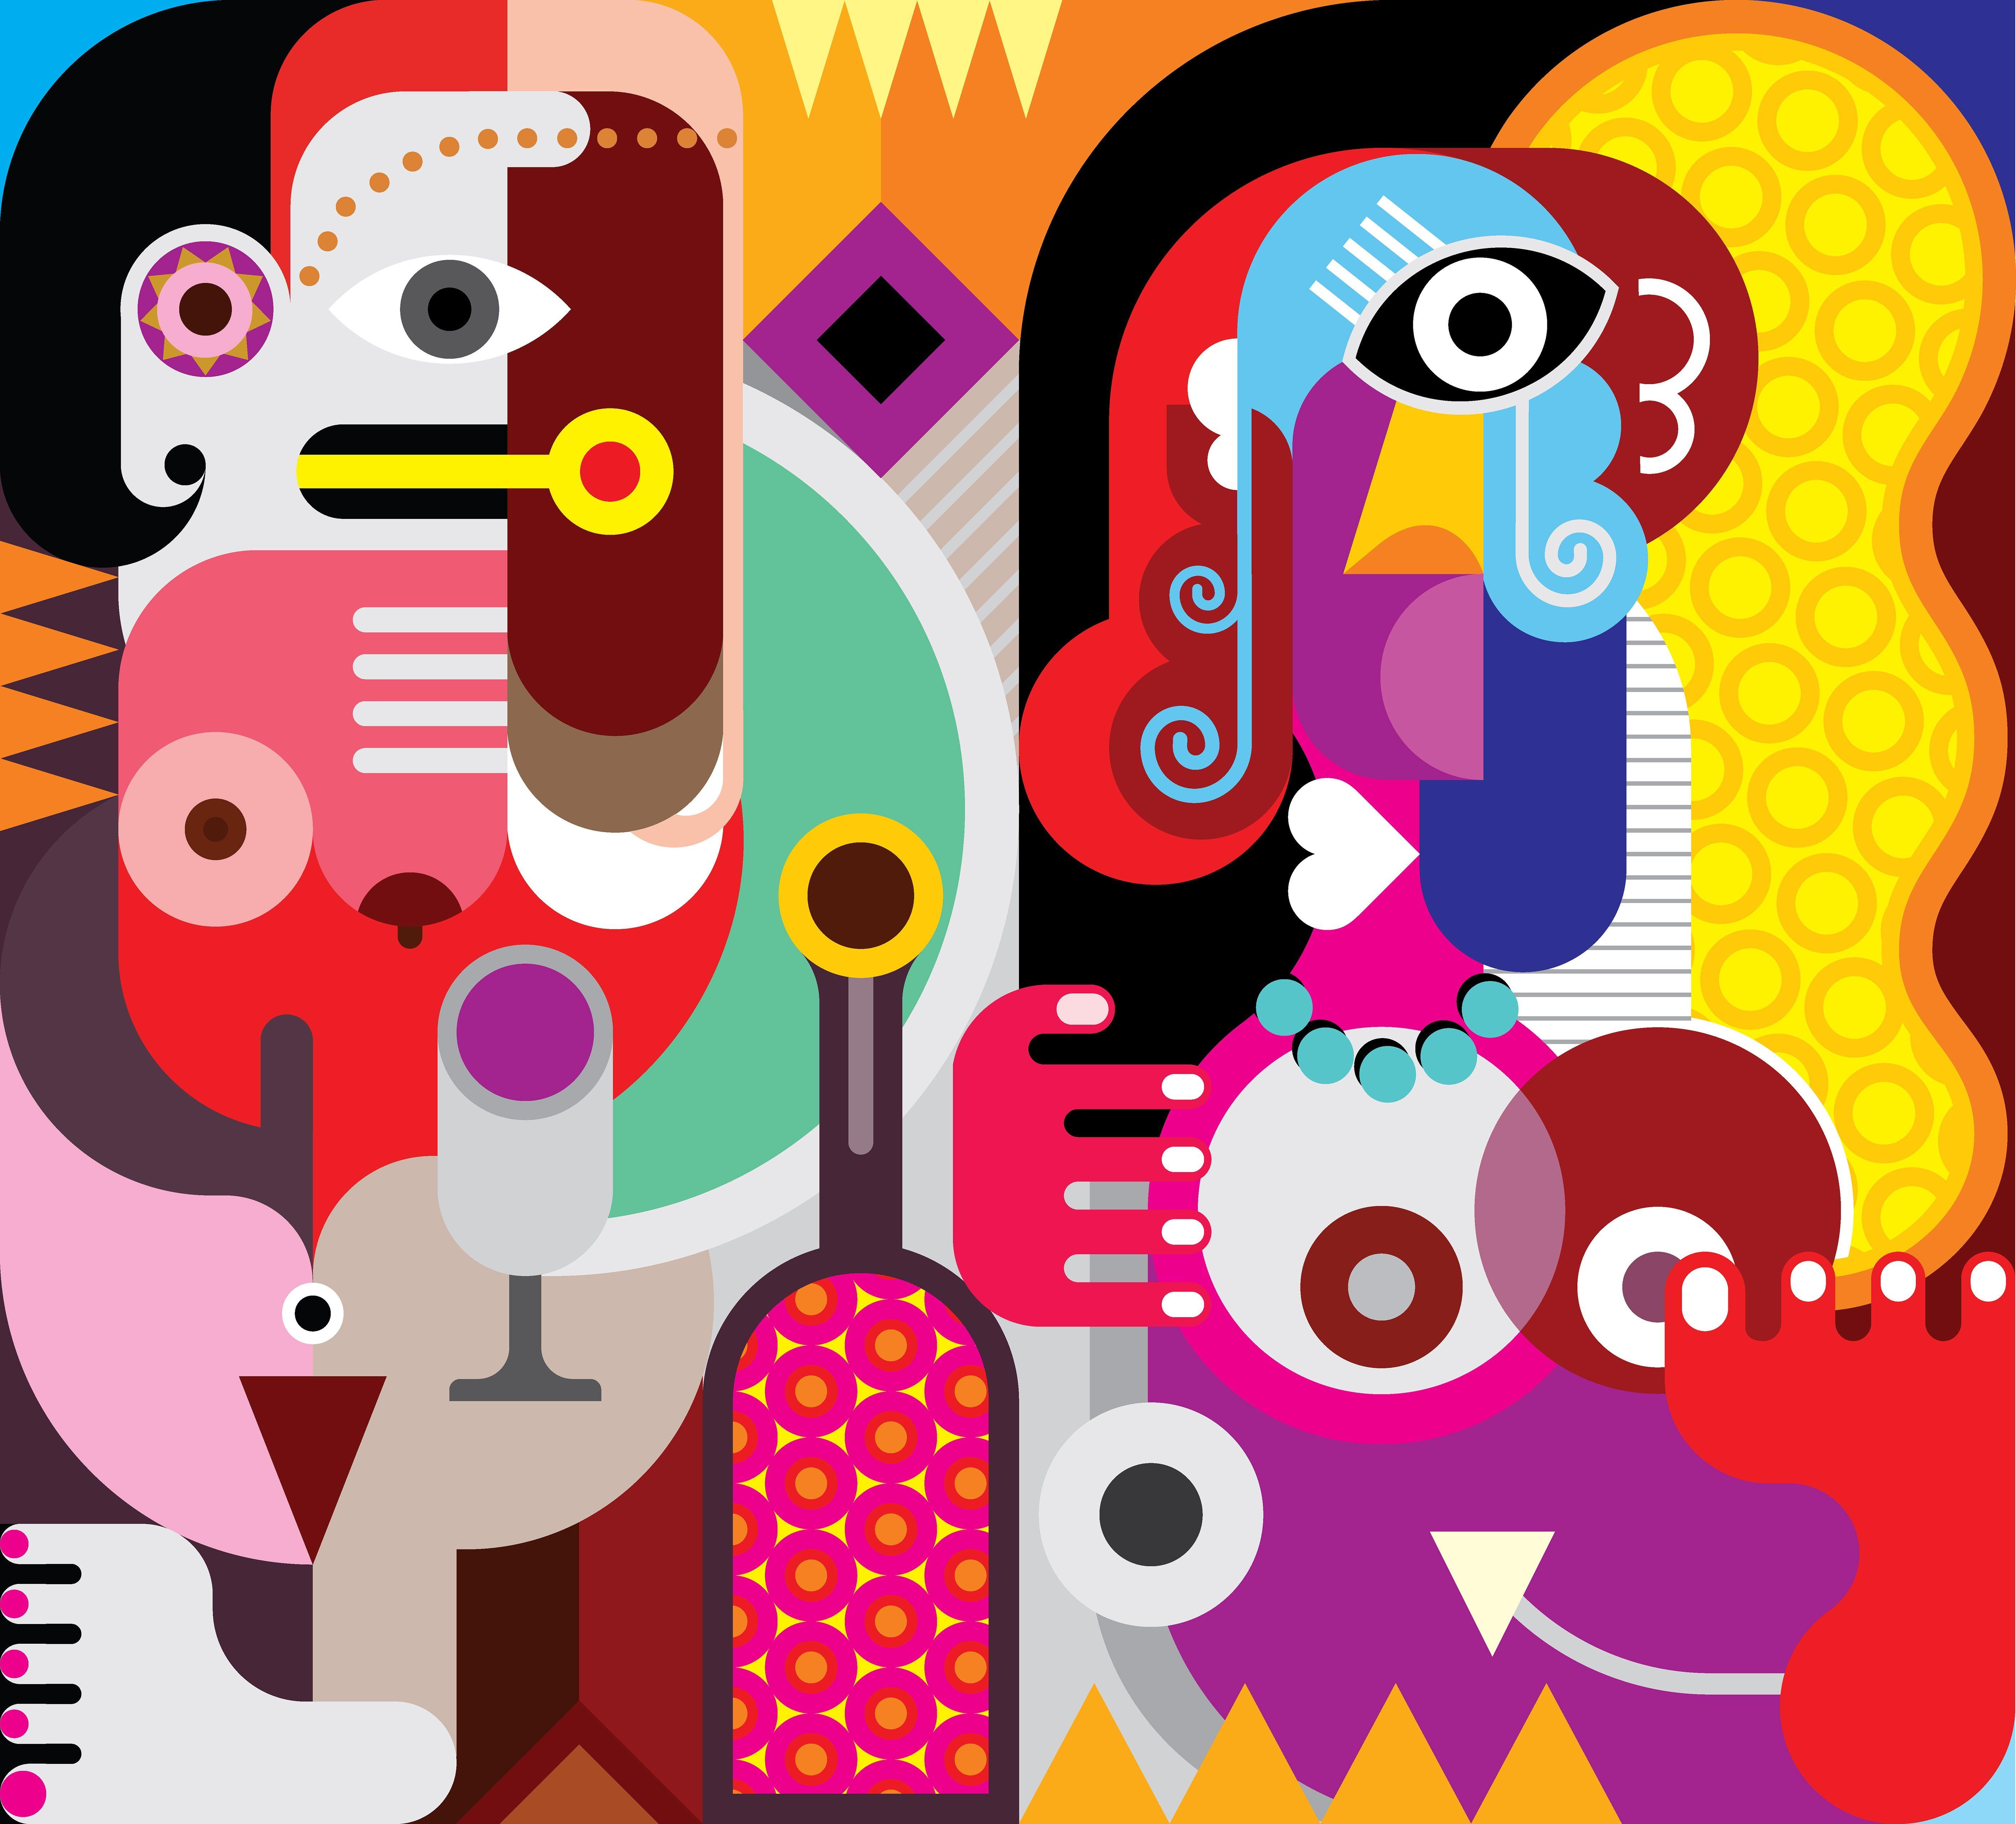 abstract art, art movement, fine art, art critics, visual